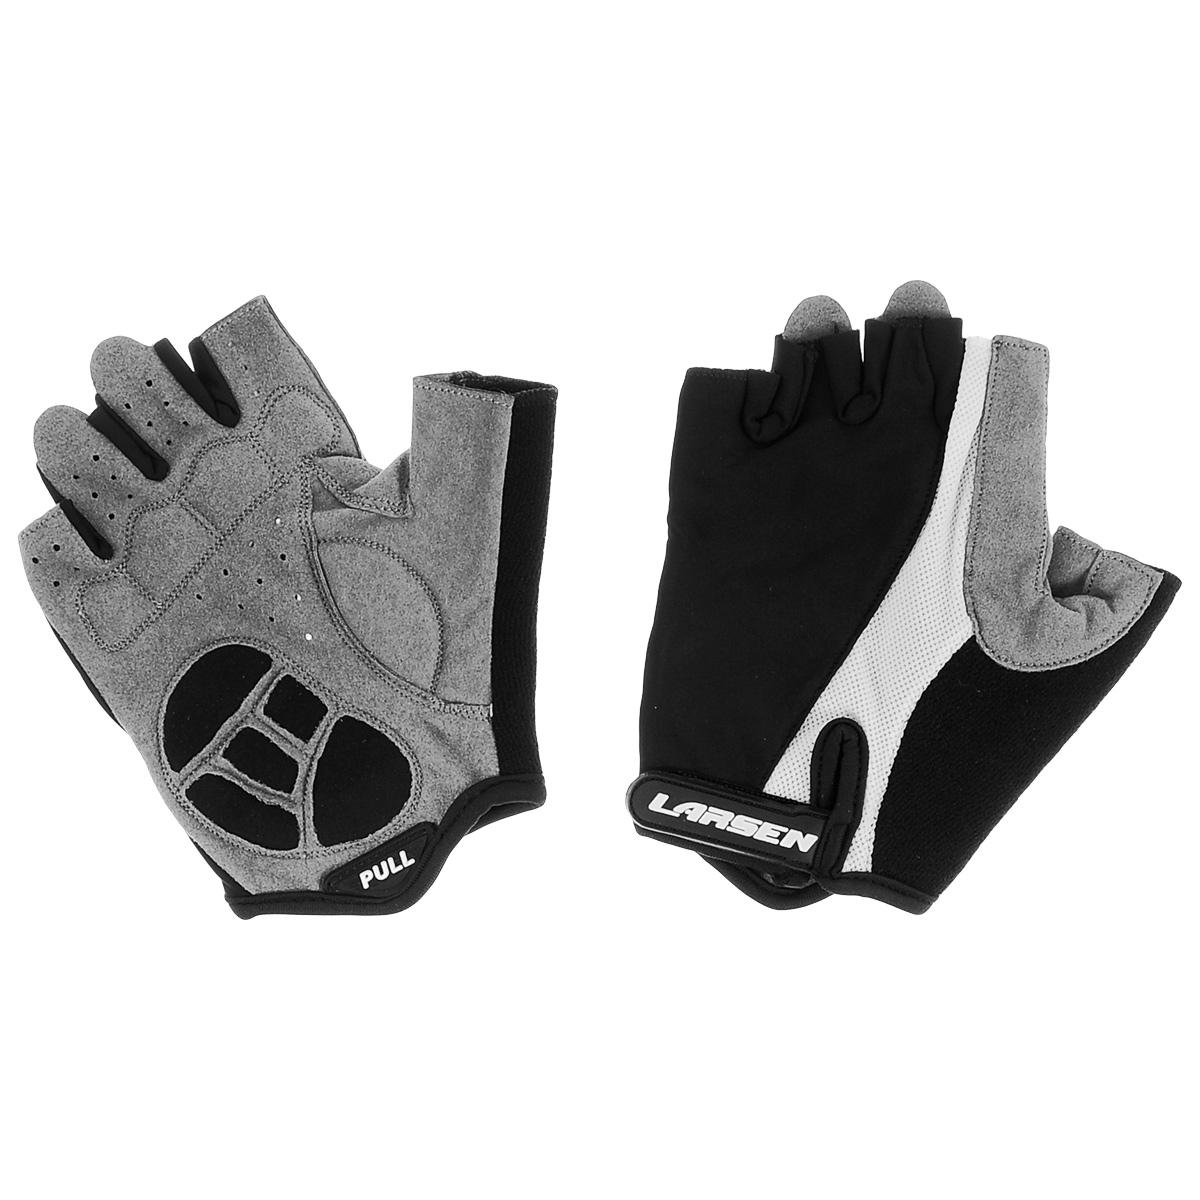 """Велоперчатки """"Larsen"""", цвет: черный, серый, белый. Размер L. 01-1226"""